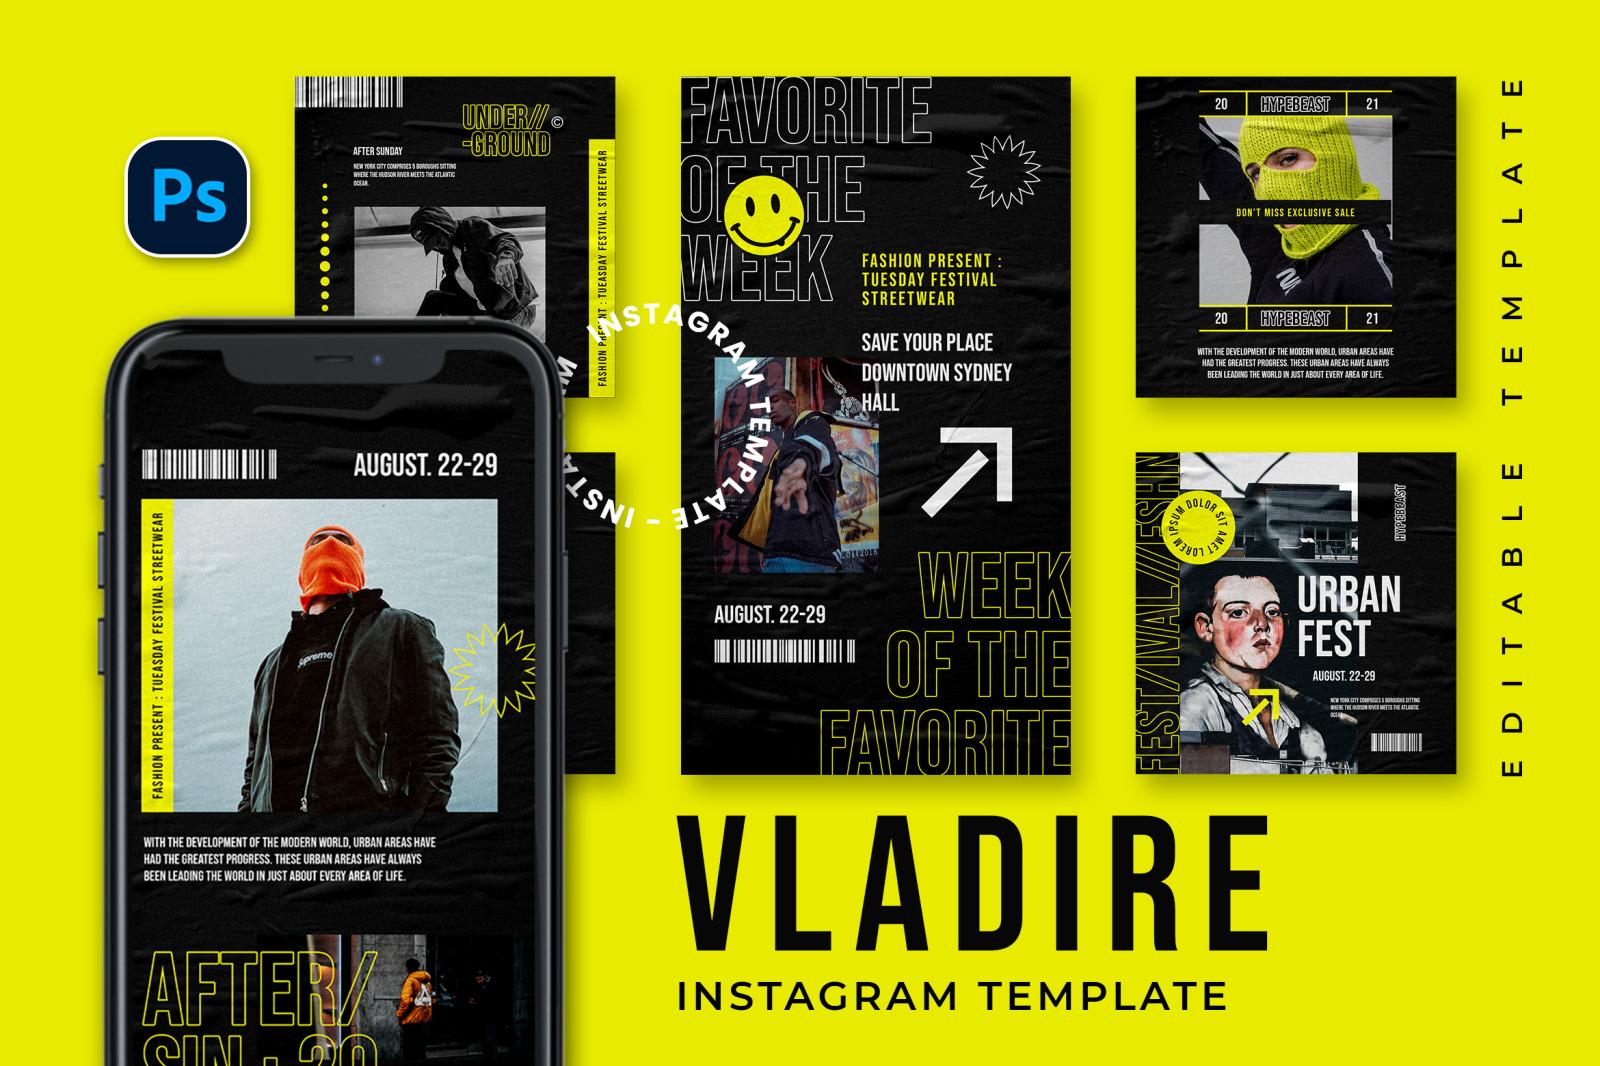 Vladire Instagram Template